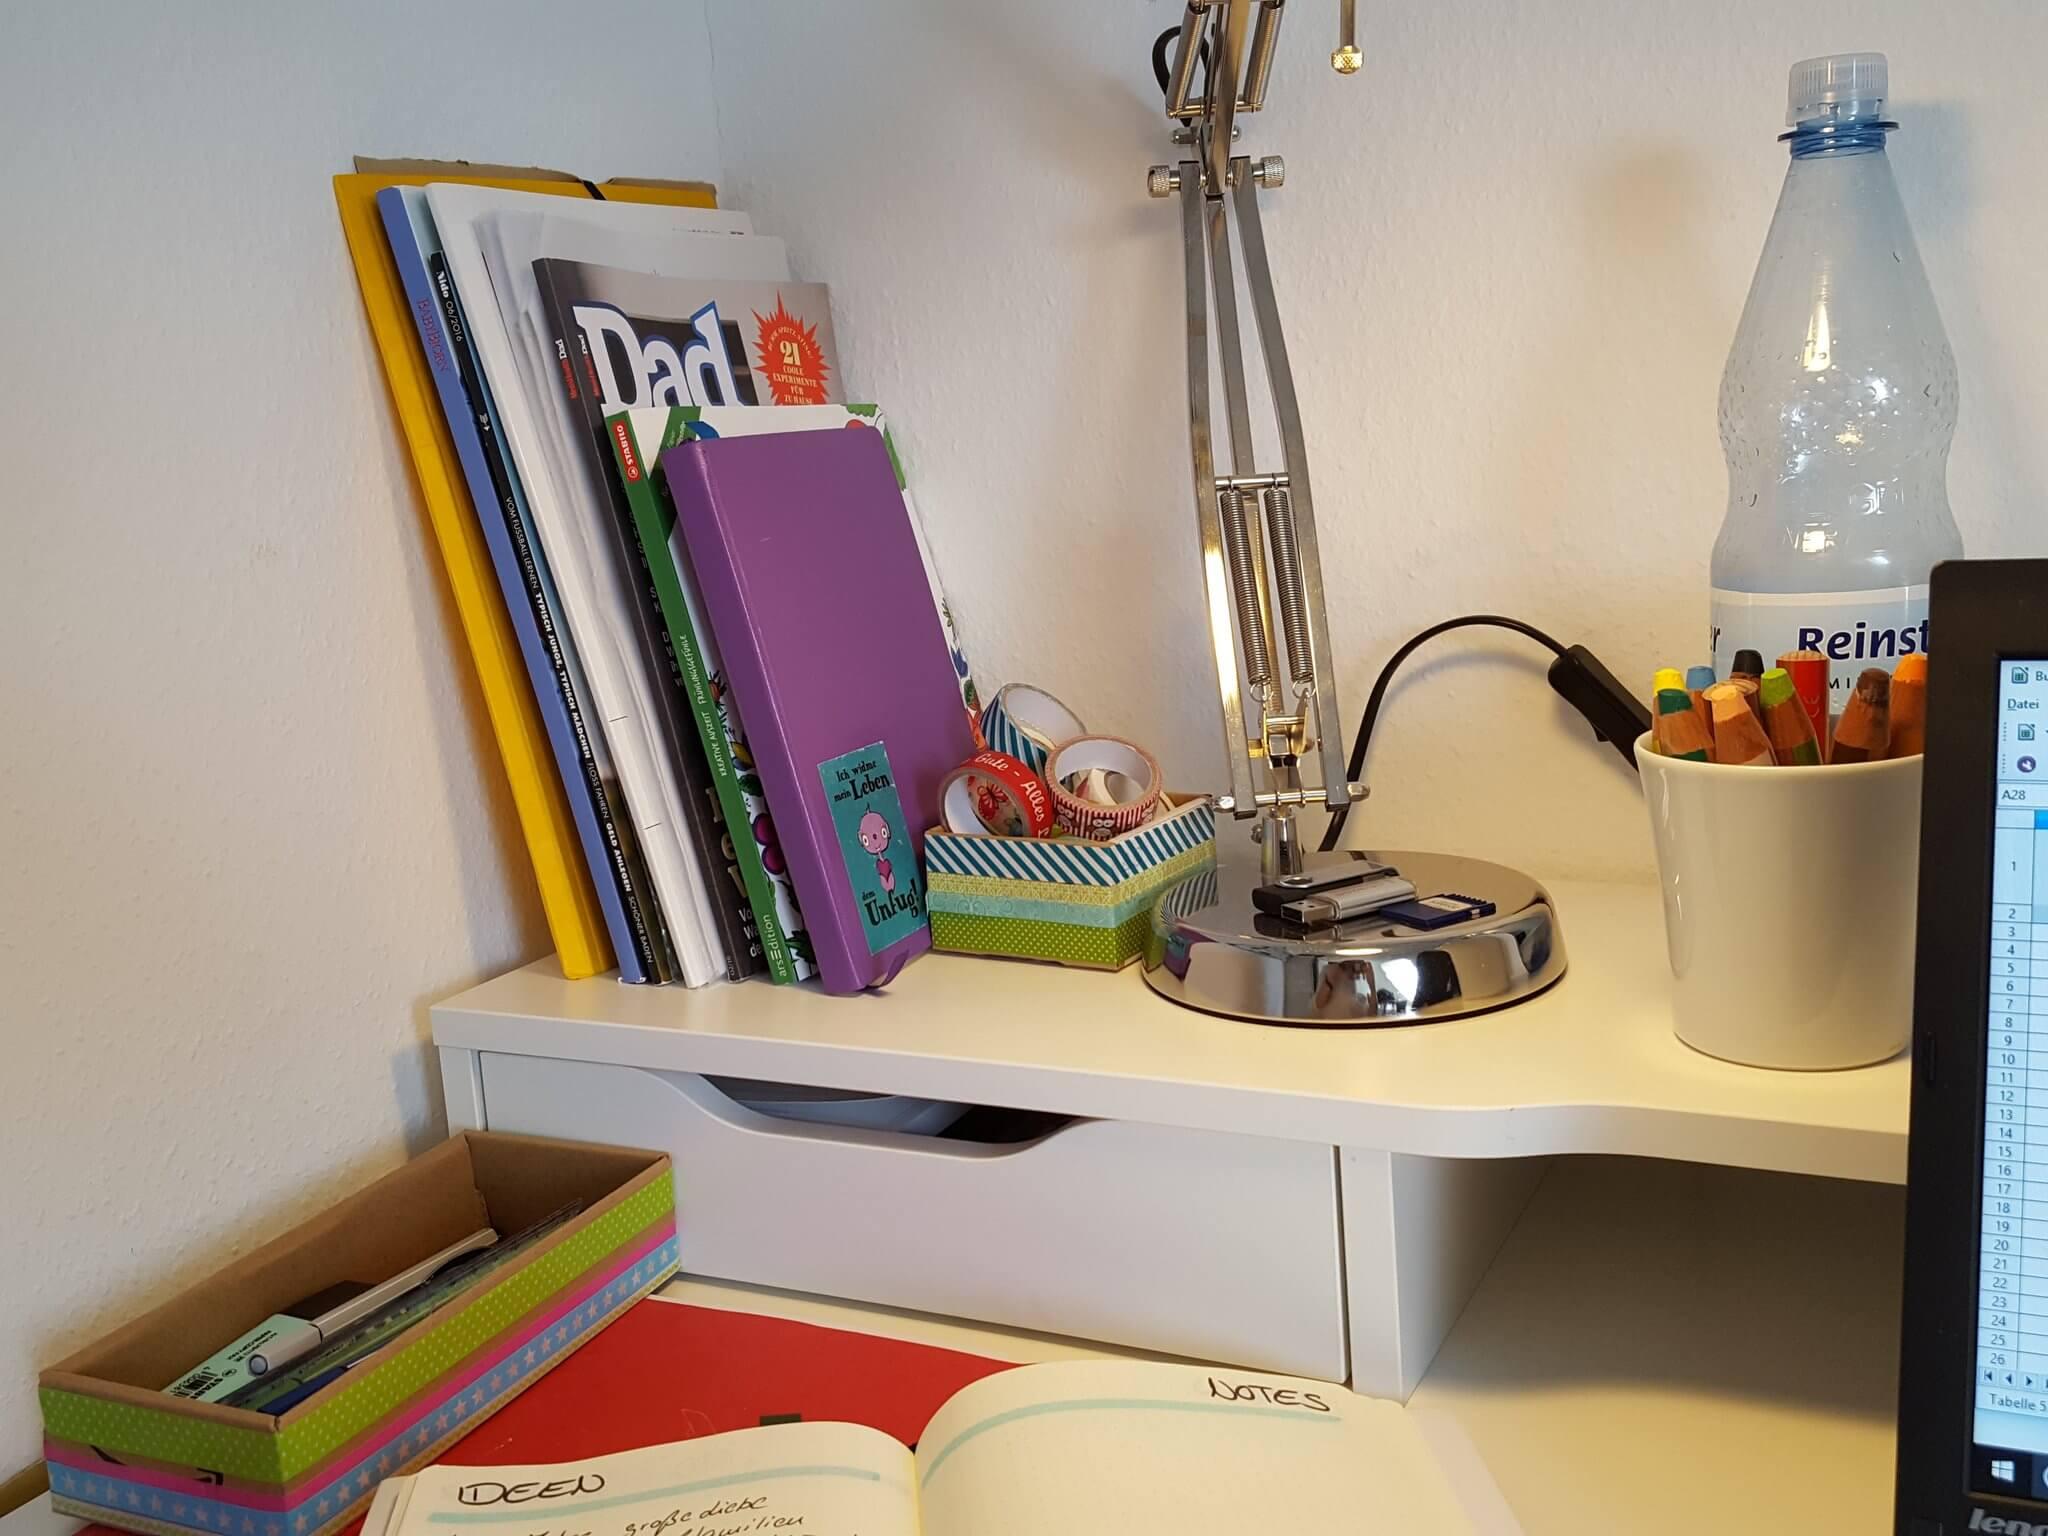 Schreibtisch im fr hling schreibblockade chaoshoch2 for Schreibtisch chaos